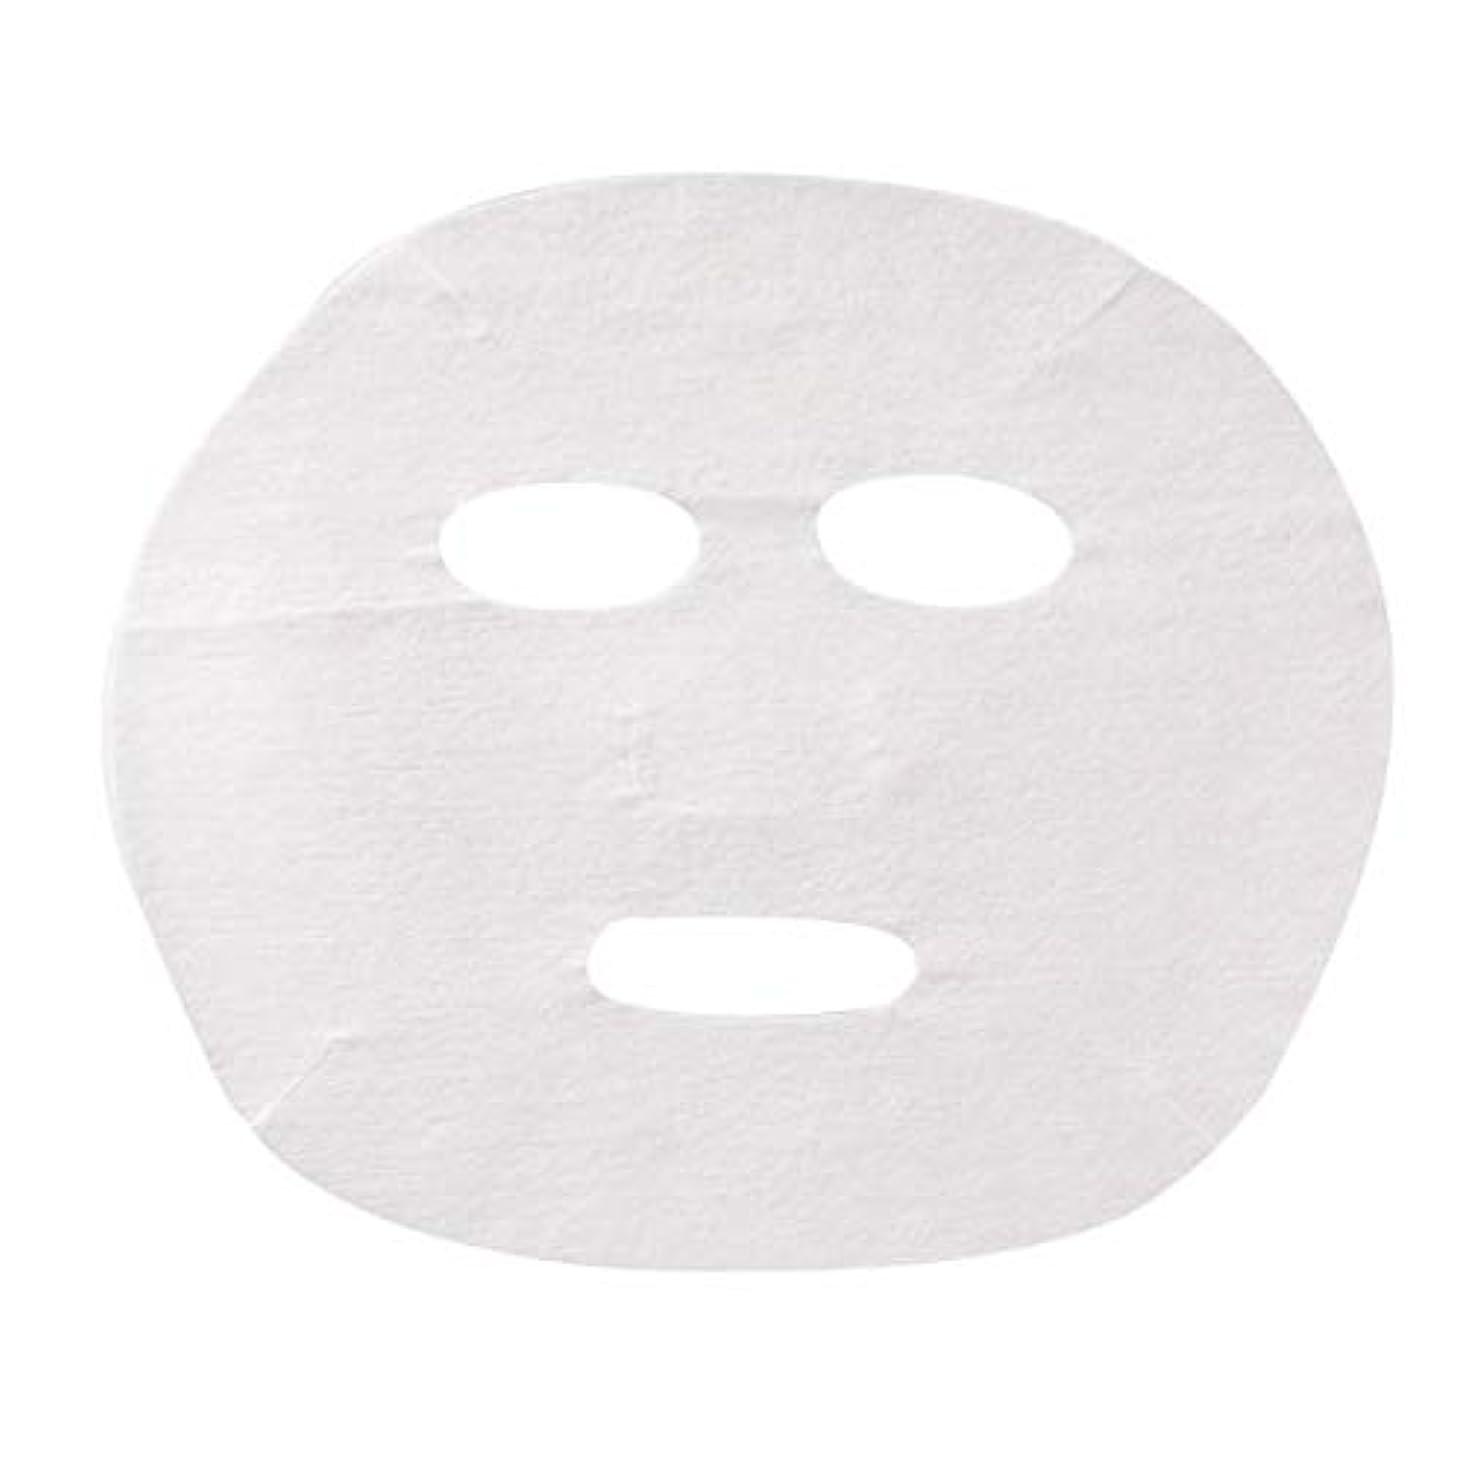 明確にセンチメートル他の場所フェイシャルシート (薄手タイプ) 70枚入 22.5×18.5cm [ フェイスマスク フェイスシート フェイスパック フェイシャルマスク フェイシャルパック ローションマスク ローションパック フェイス パック マスク ]